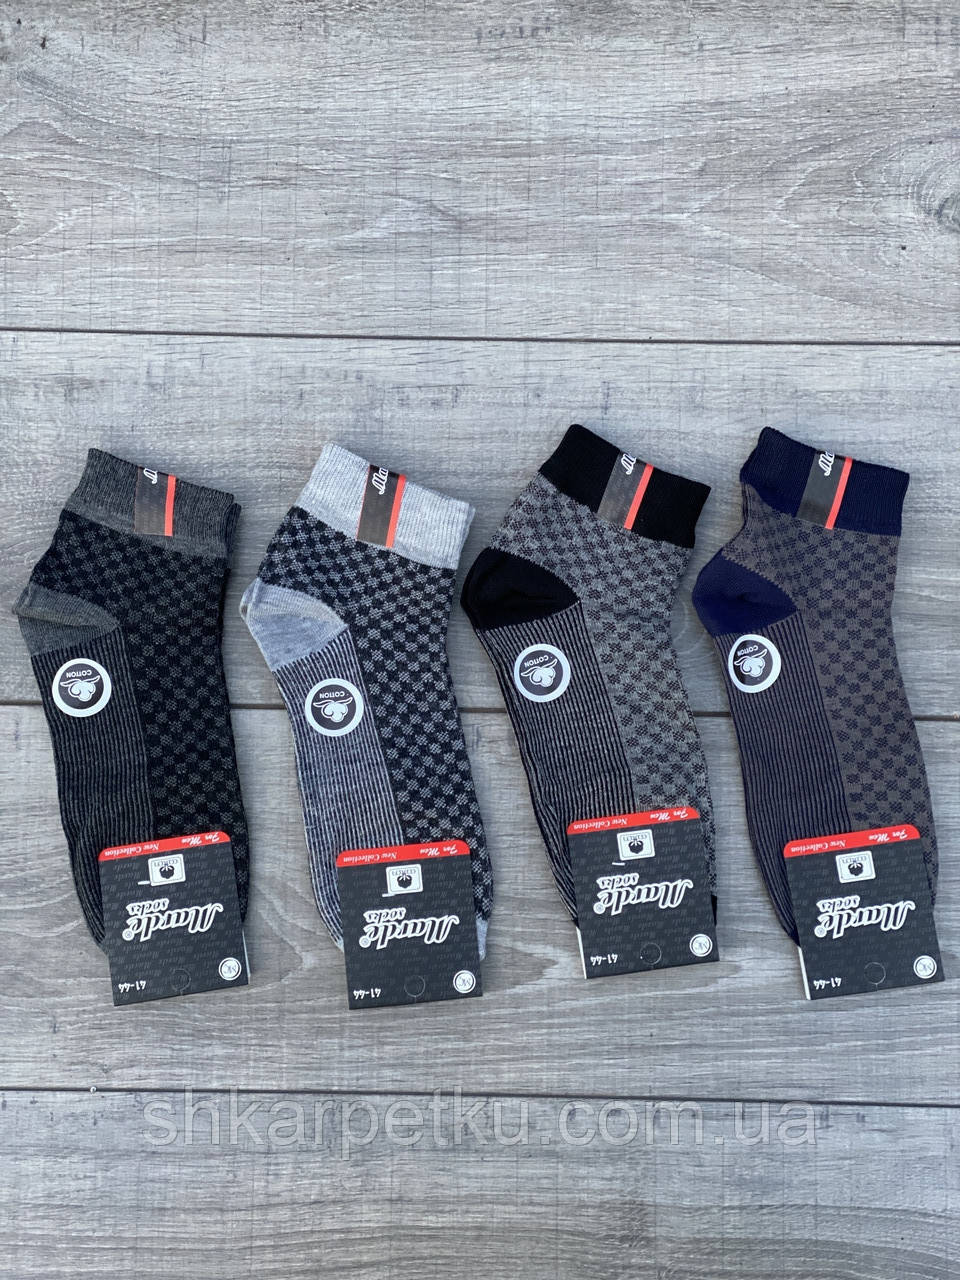 Чоловічі шкарпетки патіки бавовна Marde в квадратики 41-45 12 шт в уп мікс 4 кольорів